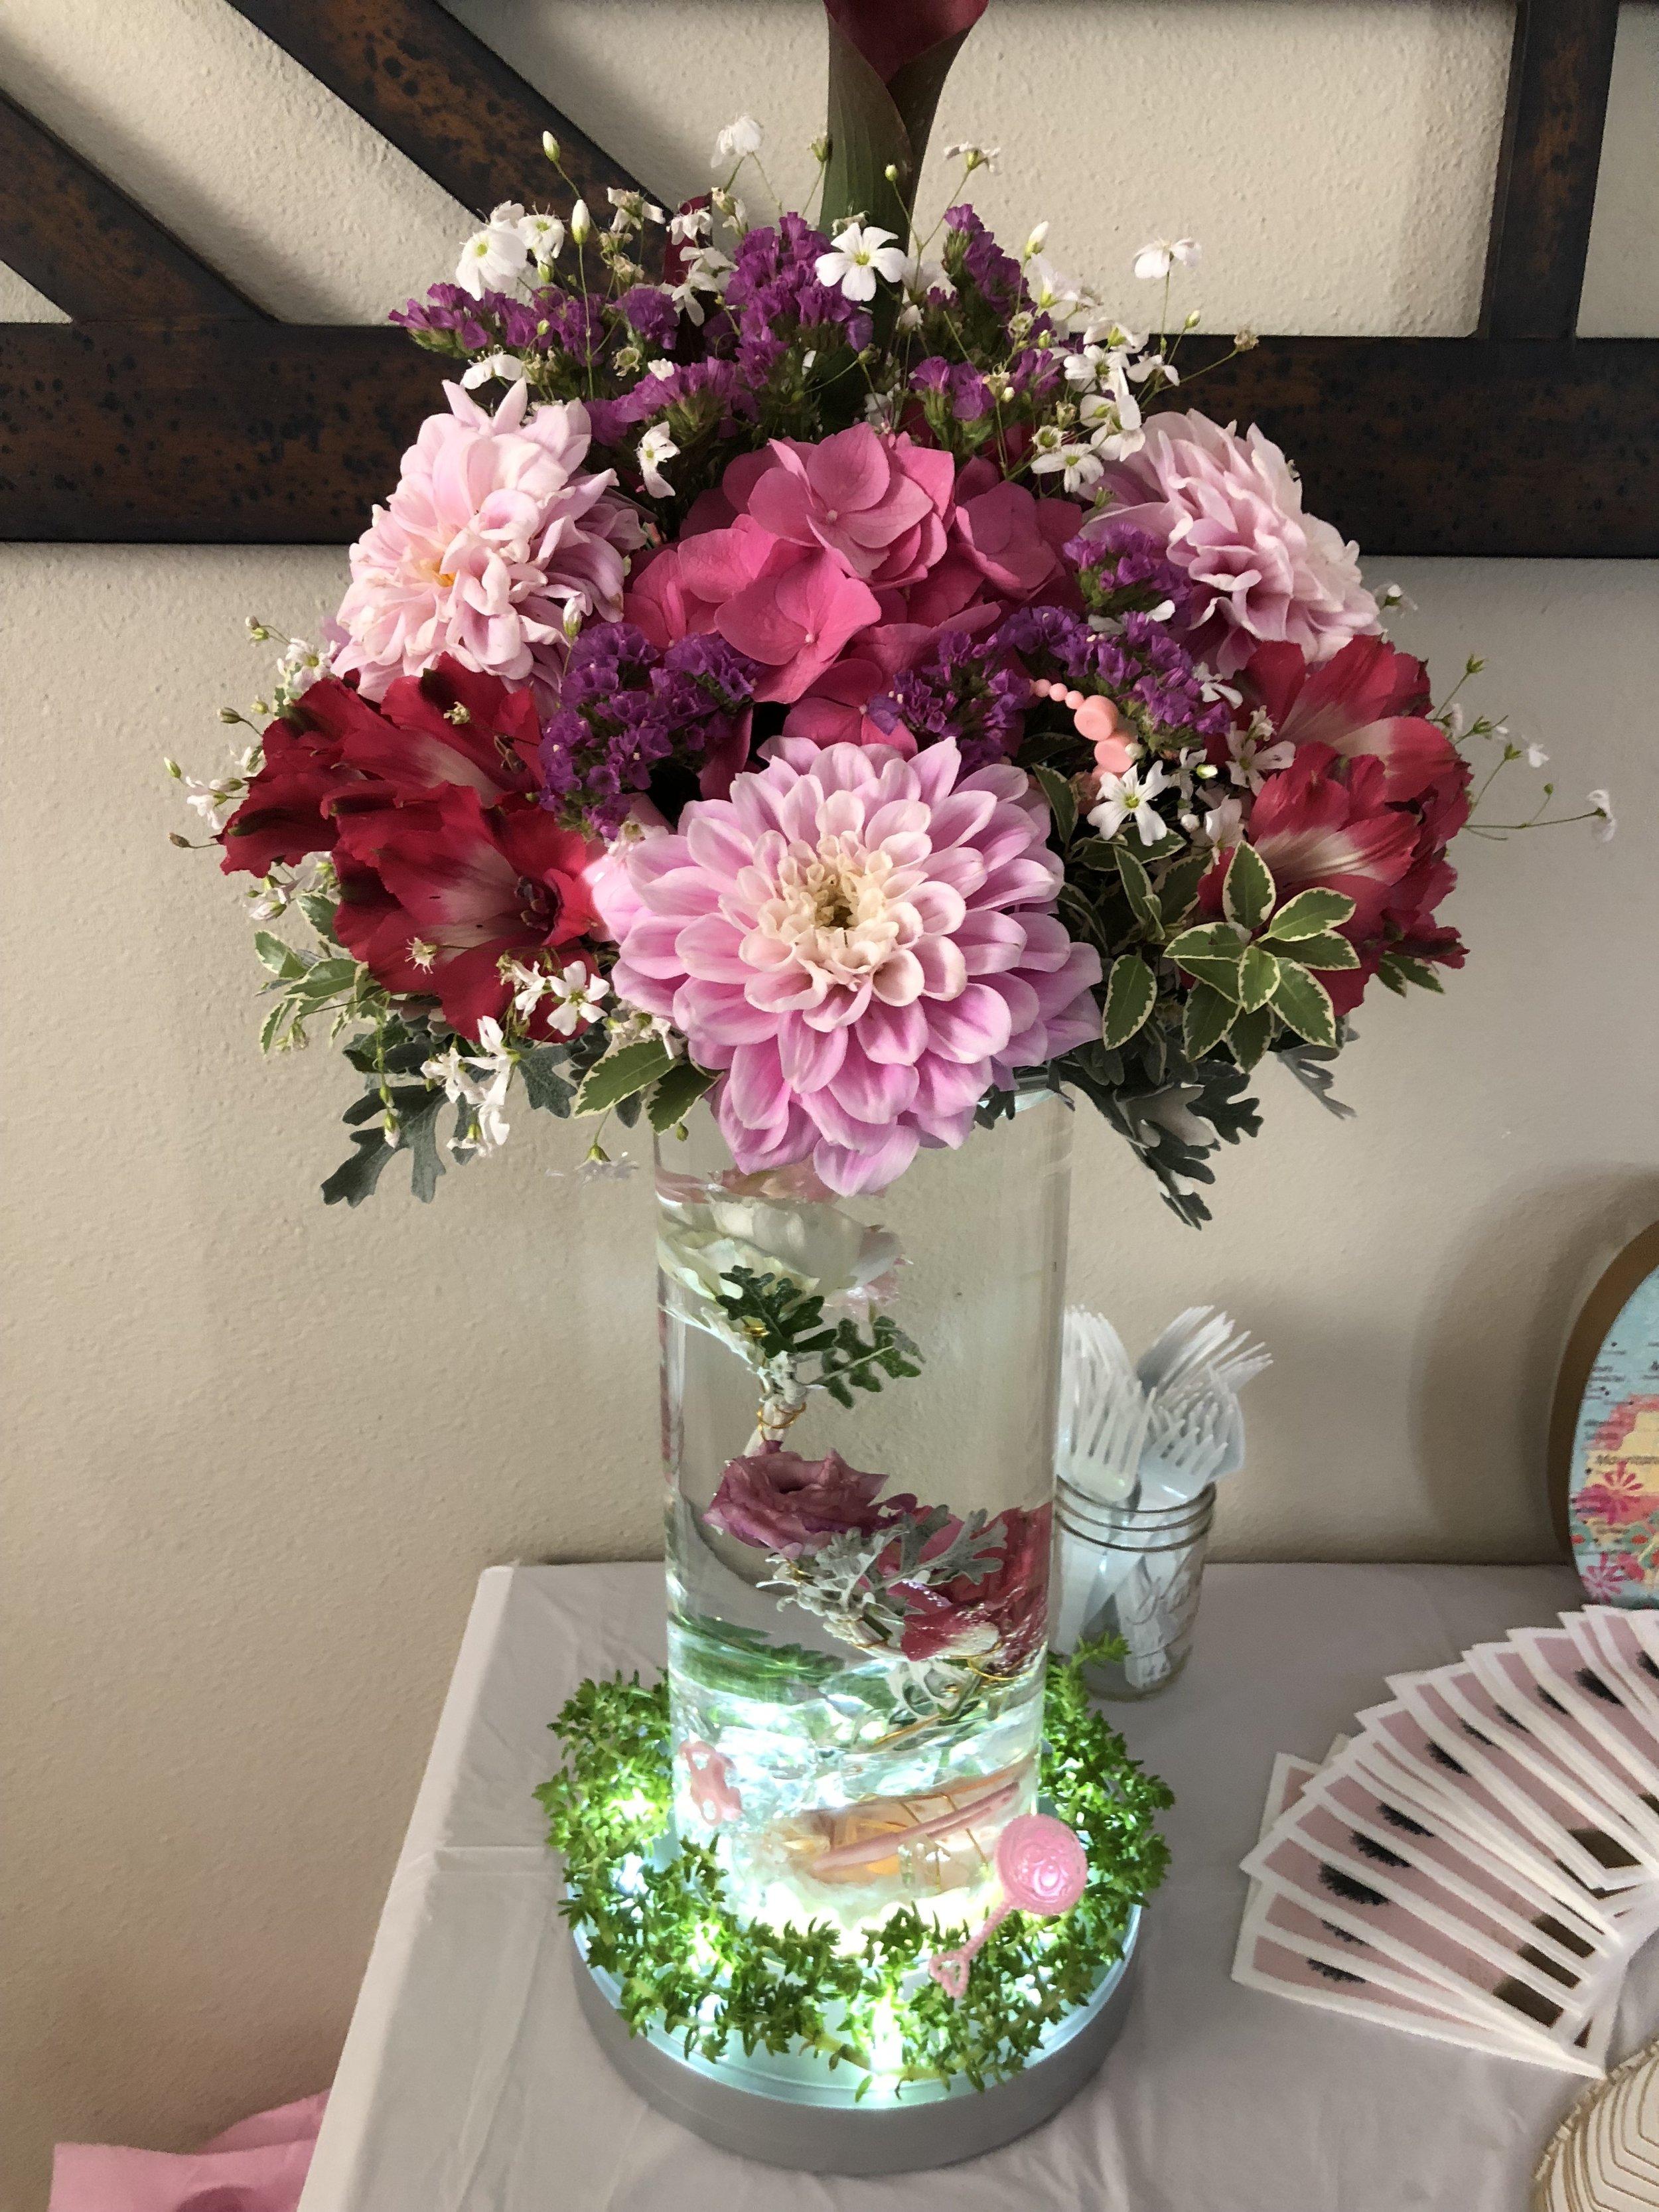 Elevated Medium Arrangement with Submerged Flower Vase - FLO 009